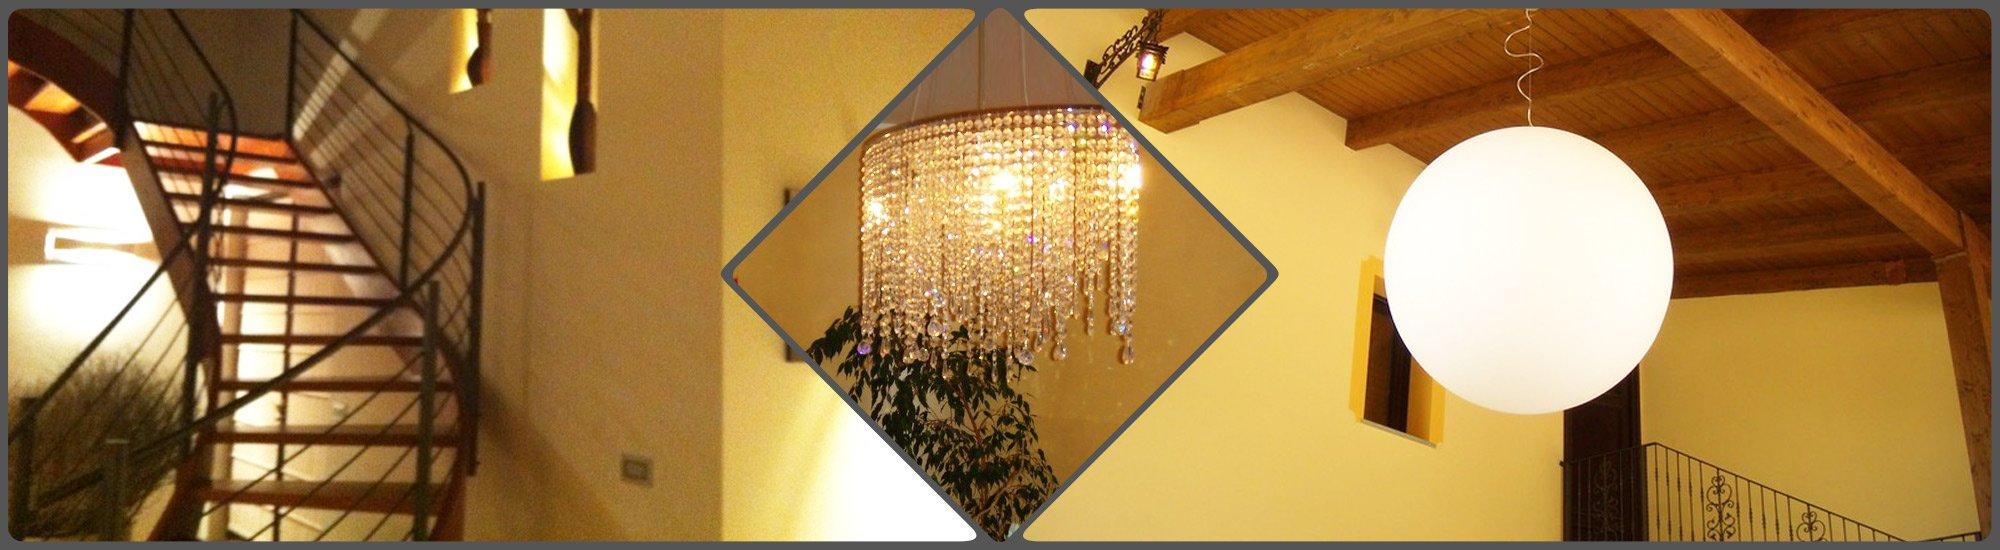 Progetti di illuminazione da interni e da esterni realizzati dalla F.A.L.C. Lampadari di Ciriè